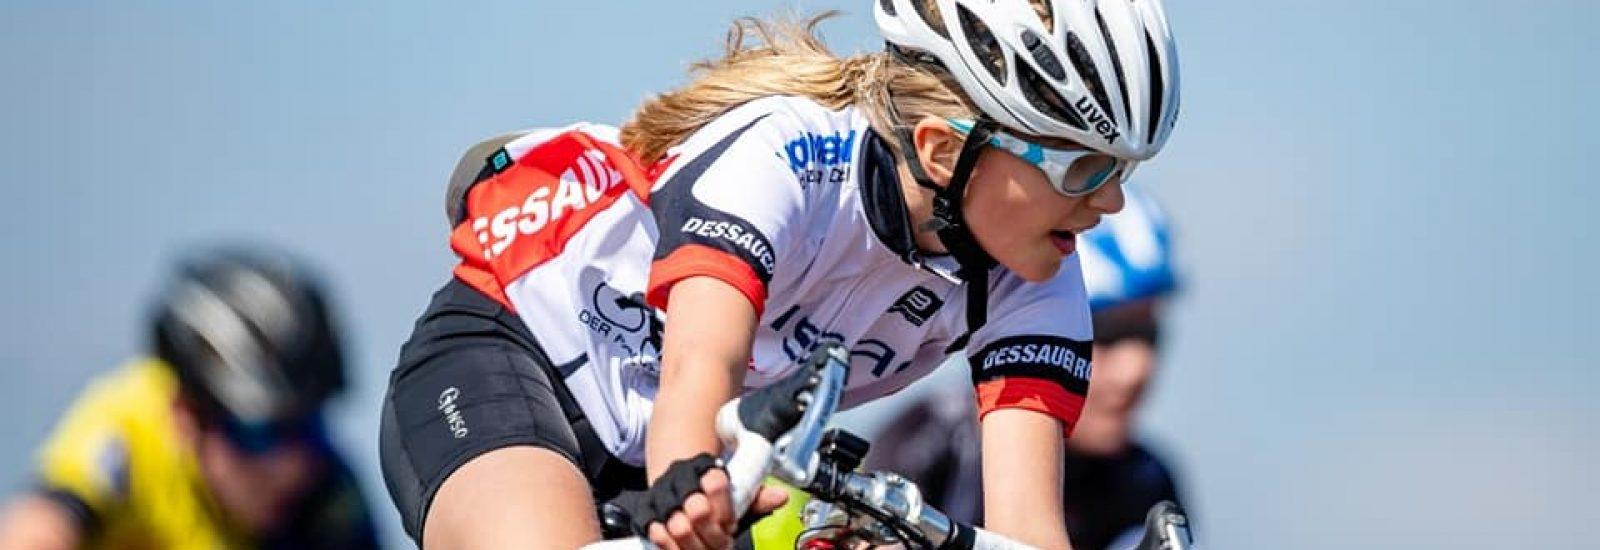 Dessauer Radsport Club